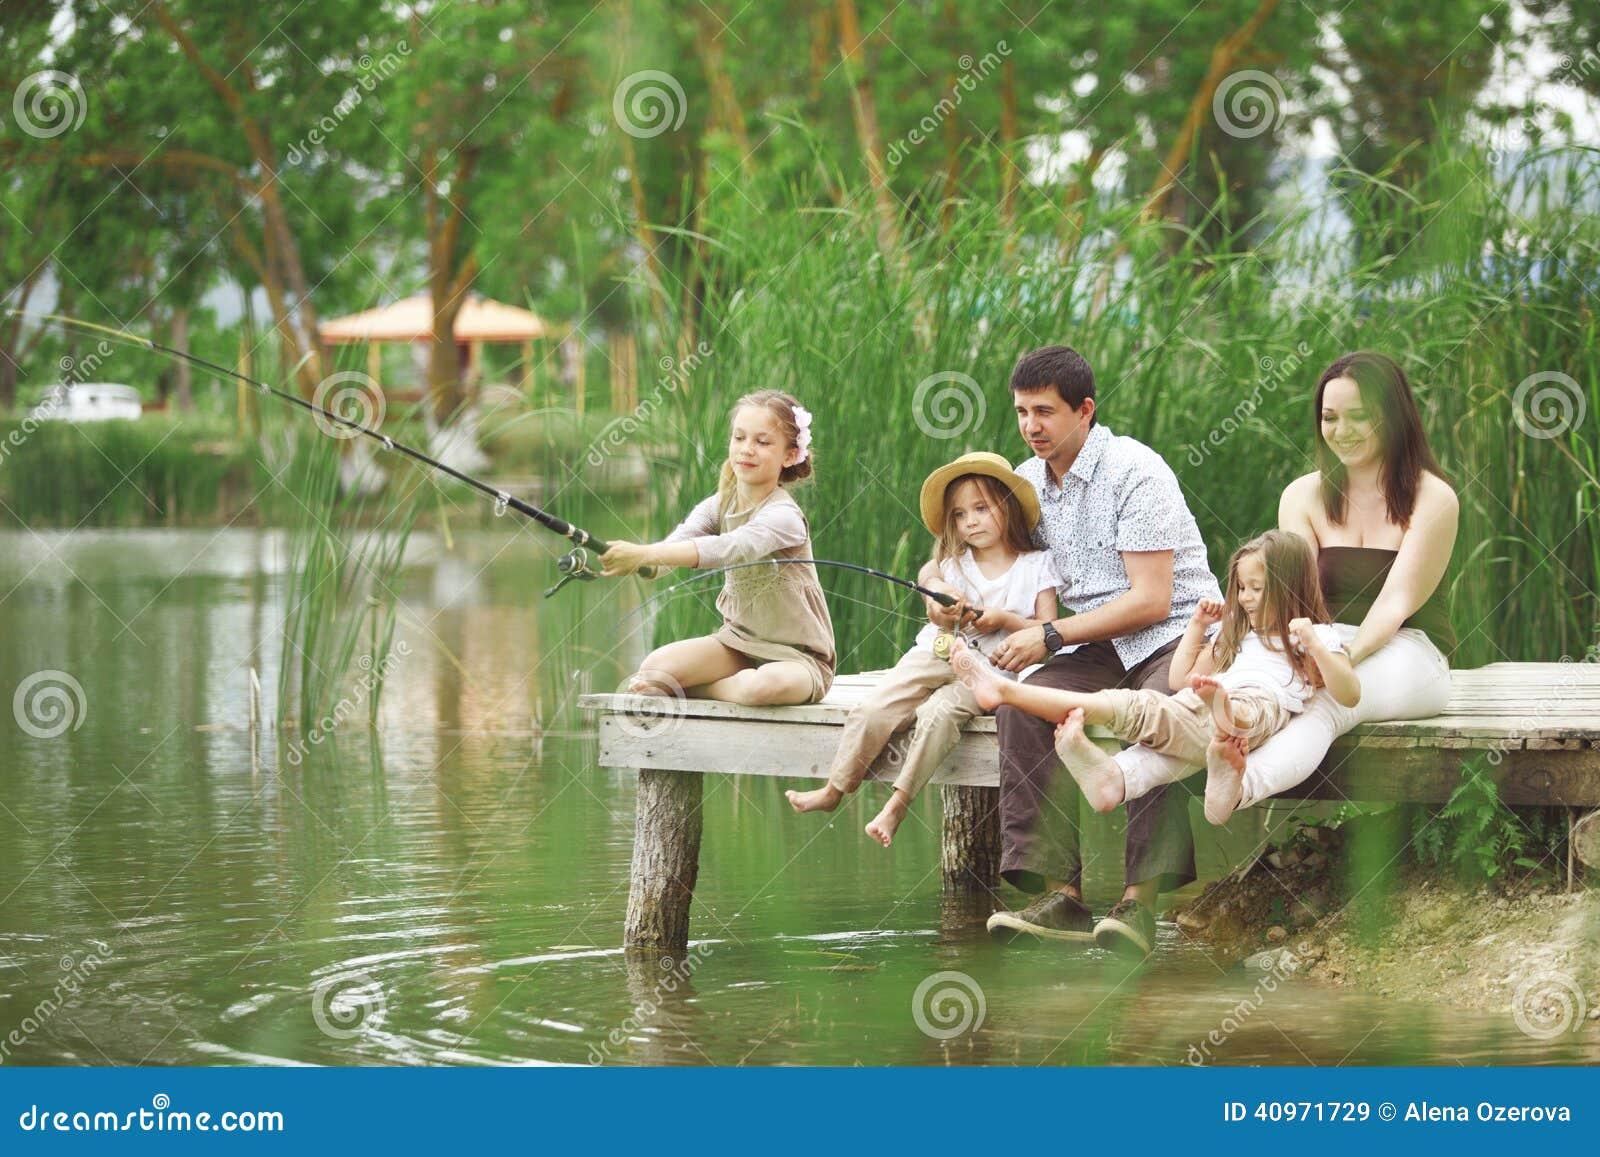 Familienfischen